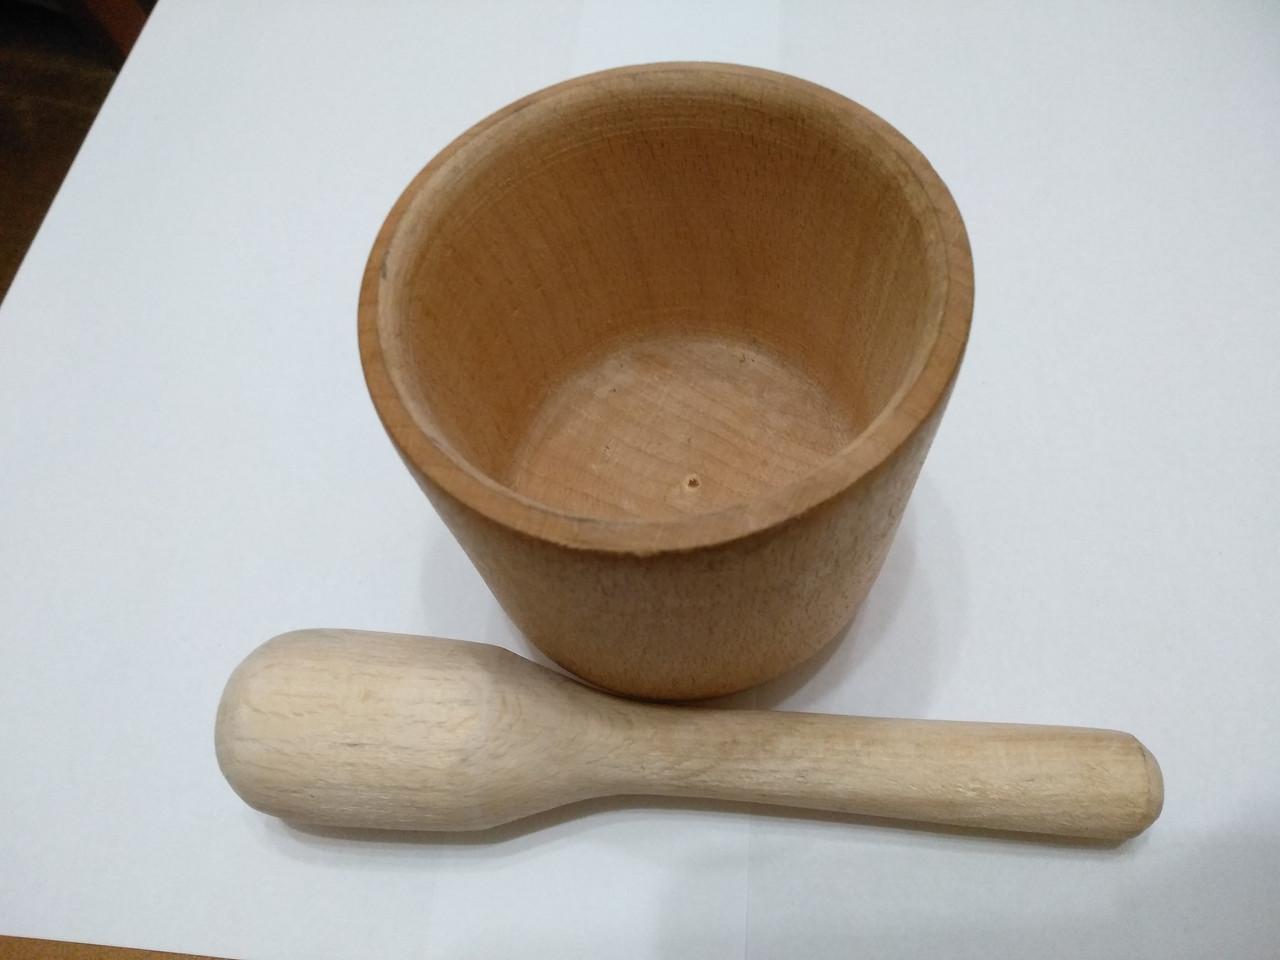 Ступа деревянная с пестиком обычная